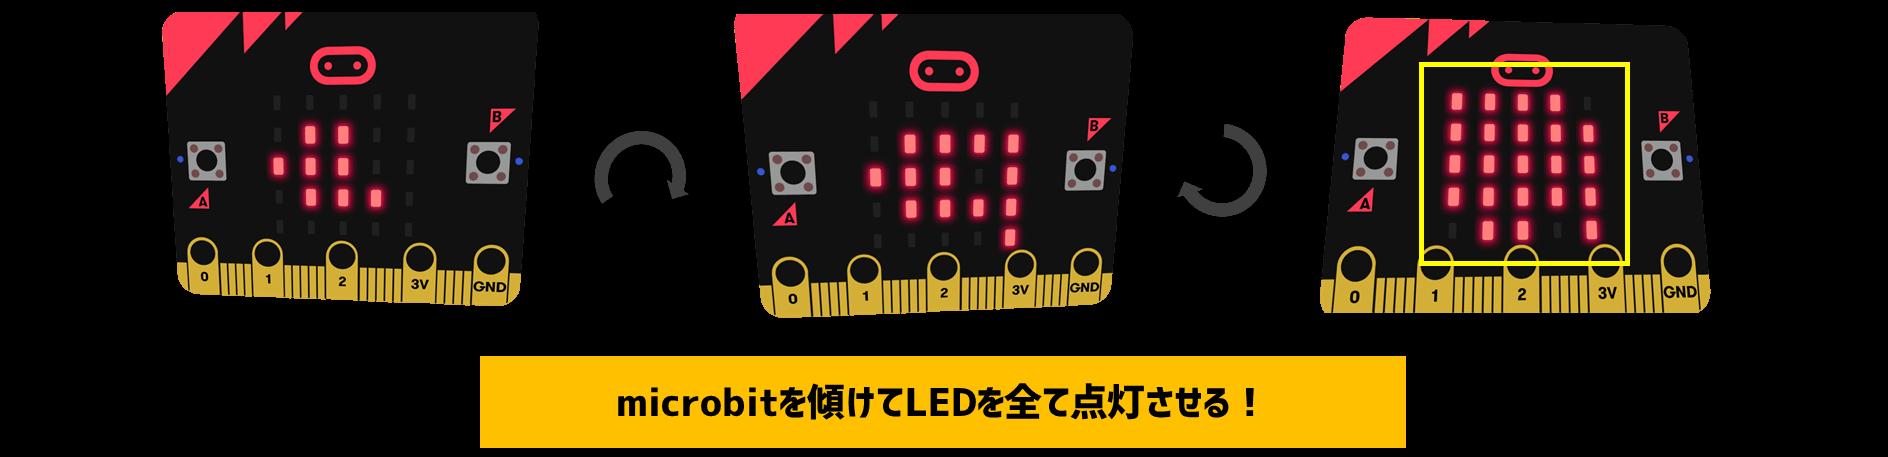 LEDを全て点灯させる